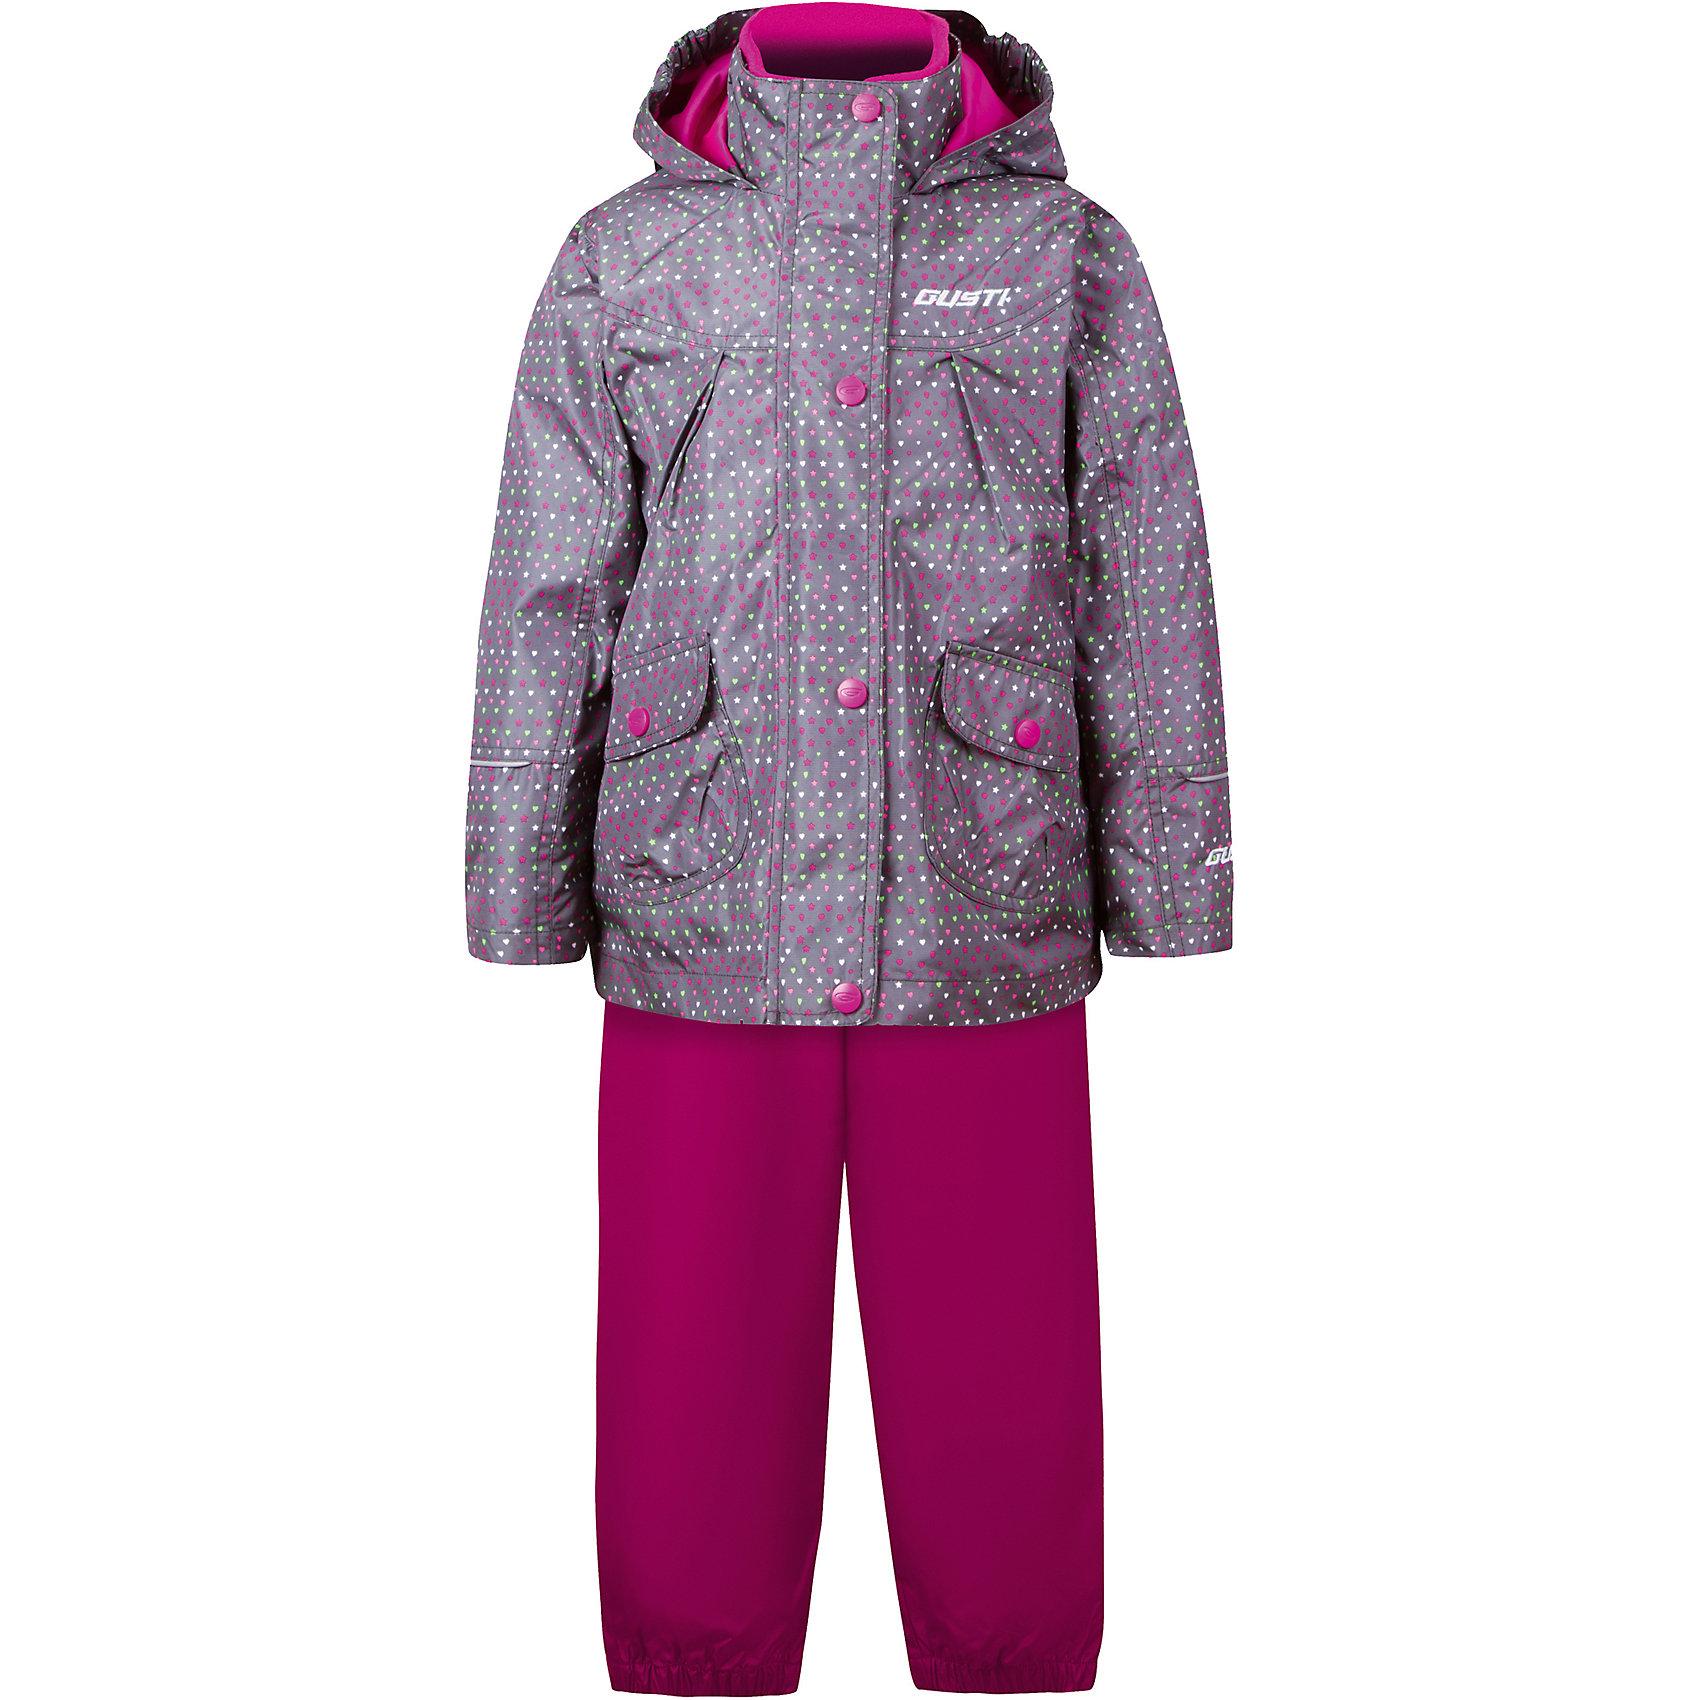 Комплект: куртка, толстовка и брюки для девочки GustiВерхняя одежда<br>Характеристики товара:<br><br>• цвет: серый<br>• состав: 100% полиэстер, подкладка, утеплитель - 100% полиэстер<br>• комплектация: куртка, съемная флисовая подкладка, брюки<br>• температурный режим: от +5° С до +15° С<br>• водонепроницаемый материал<br>• капюшон<br>• карманы<br>• съемные подтяжки<br>• брючины эластичные<br>• комфортная посадка<br>• светоотражающие элементы<br>• молния<br>• утеплитель: синтепон<br>• демисезонный<br>• страна бренда: Канада<br><br>Этот демисезонный комплект из куртки, пристегивающейся к ней толстовки из флиса, и штанов поможет обеспечить ребенку комфорт и тепло. Предметы удобно садятся по фигуре, отлично смотрятся с различной обувью. Комплект очень модно выглядит, он хорошо защищает от ветра и влаги. Материал отлично подходит для дождливой погоды. Стильный дизайн разрабатывался специально для детей.<br><br>Комплект: куртка, толстовка и брюки для девочки от известного бренда Gusti (Густи) можно купить в нашем интернет-магазине.<br><br>Ширина мм: 356<br>Глубина мм: 10<br>Высота мм: 245<br>Вес г: 519<br>Цвет: черный<br>Возраст от месяцев: 12<br>Возраст до месяцев: 15<br>Пол: Женский<br>Возраст: Детский<br>Размер: 128,140,100,92,98,104,110,116,120,122,80,152,86,90<br>SKU: 5452511